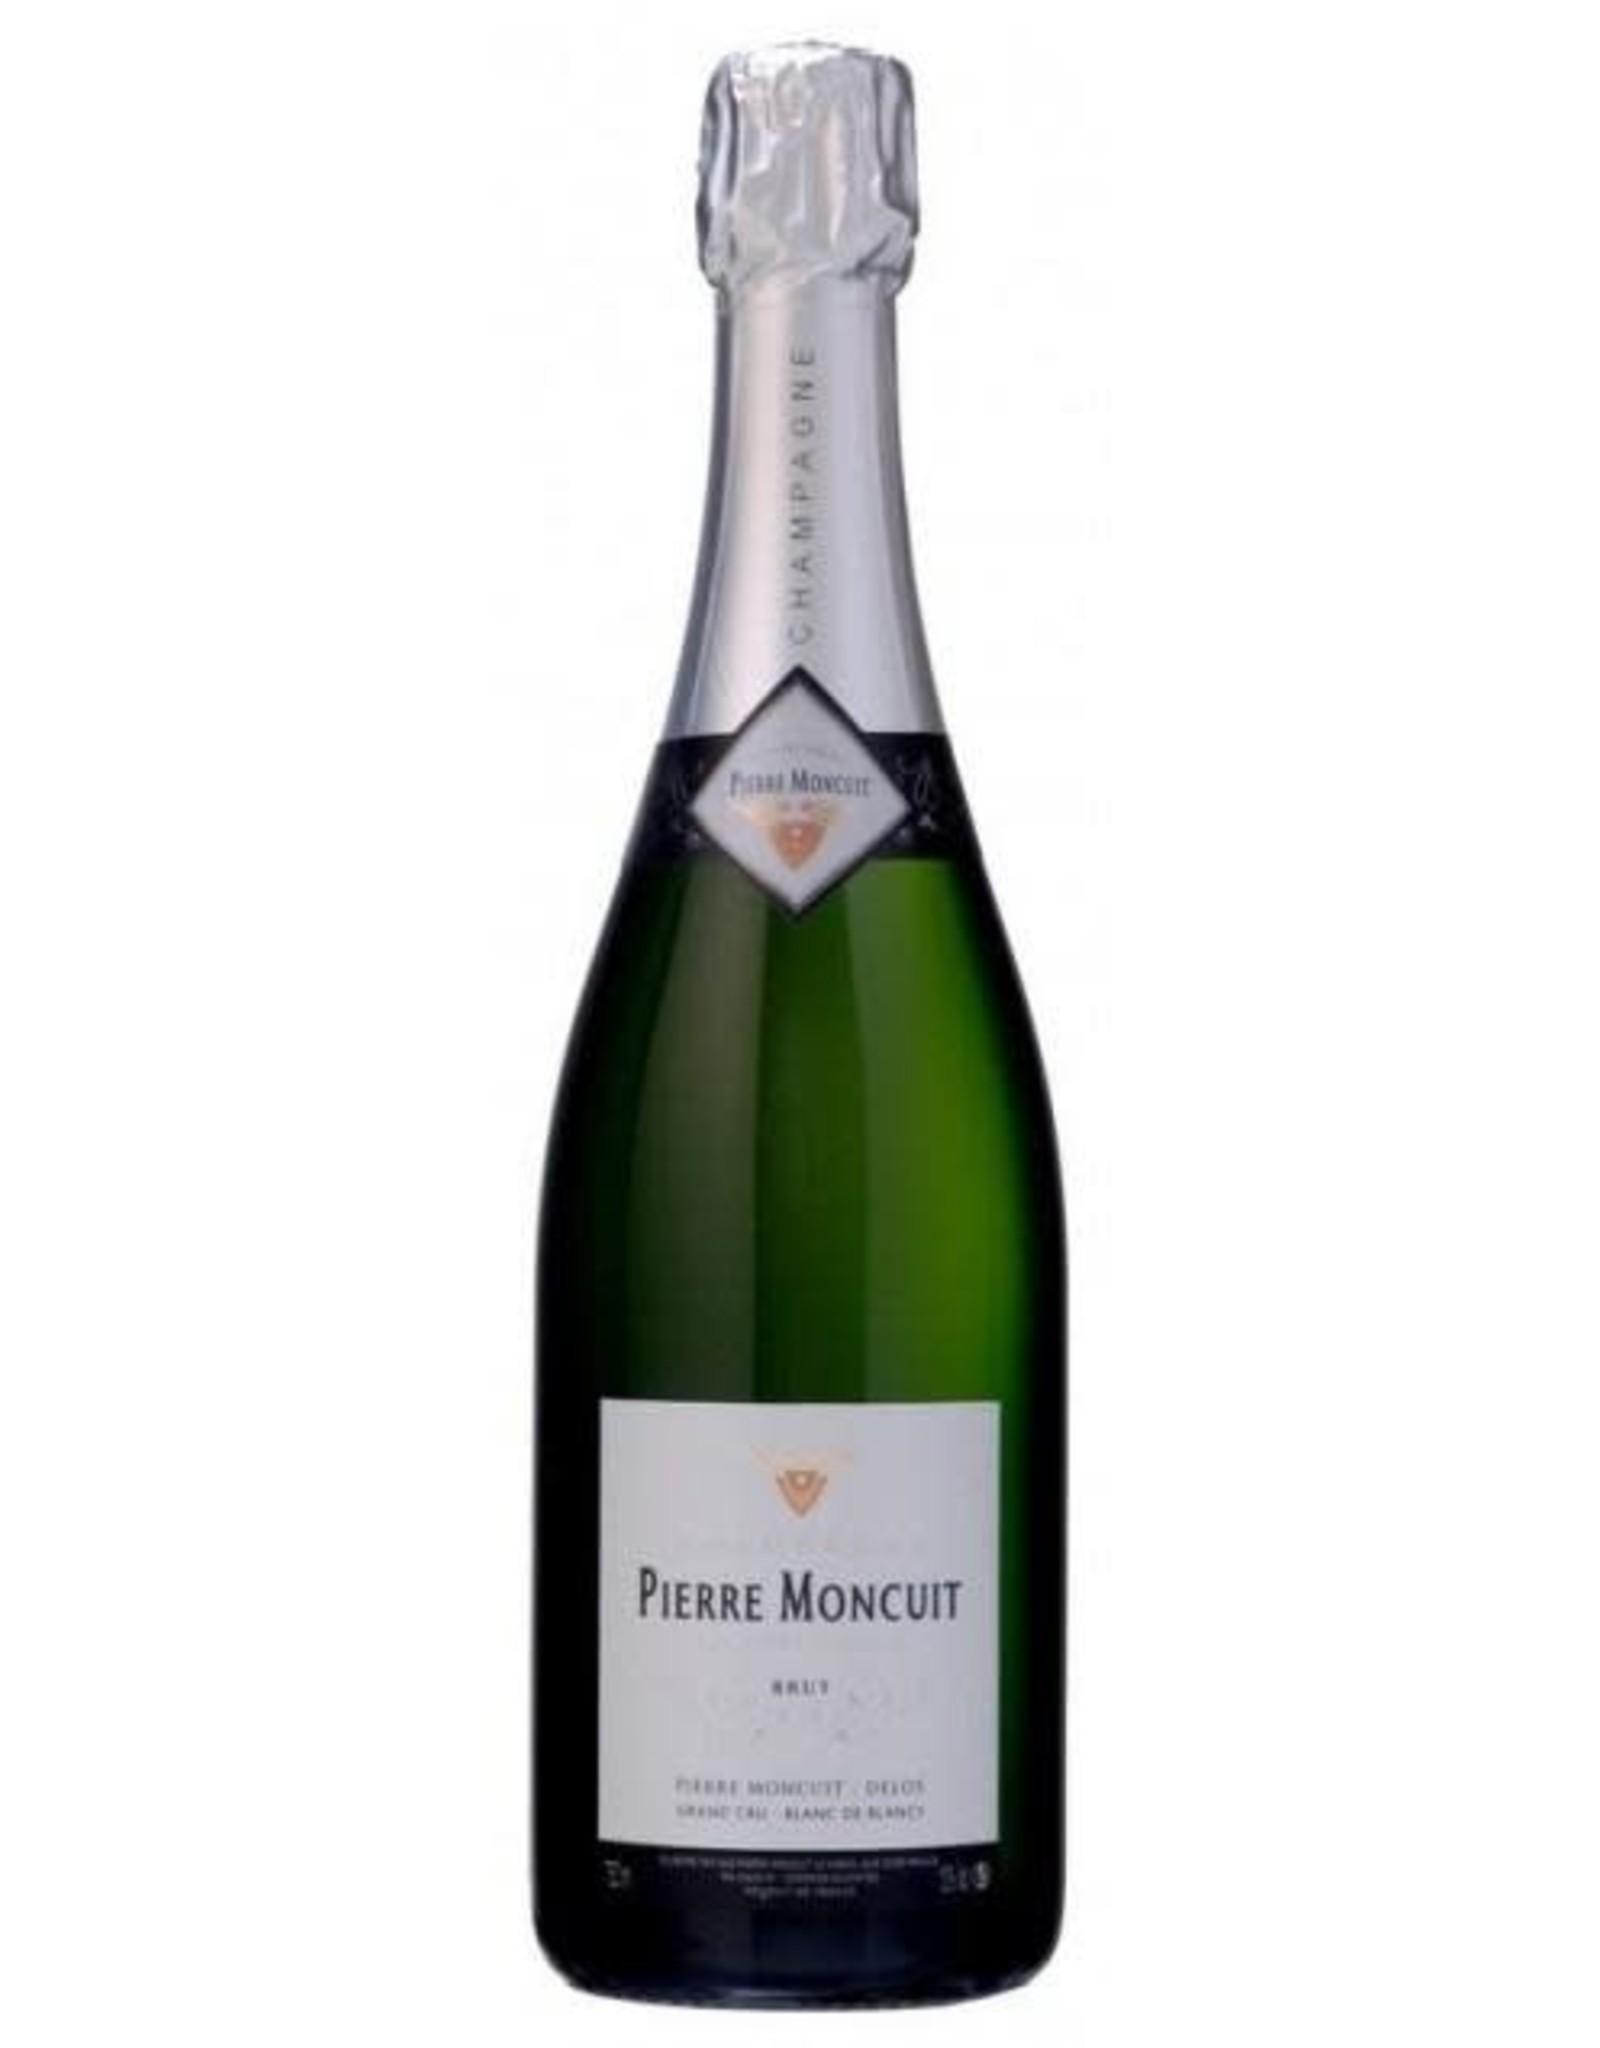 Pierre Moncuit Champagne Pierre Moncuit Blanc de Blancs Grand Cru Delos NV